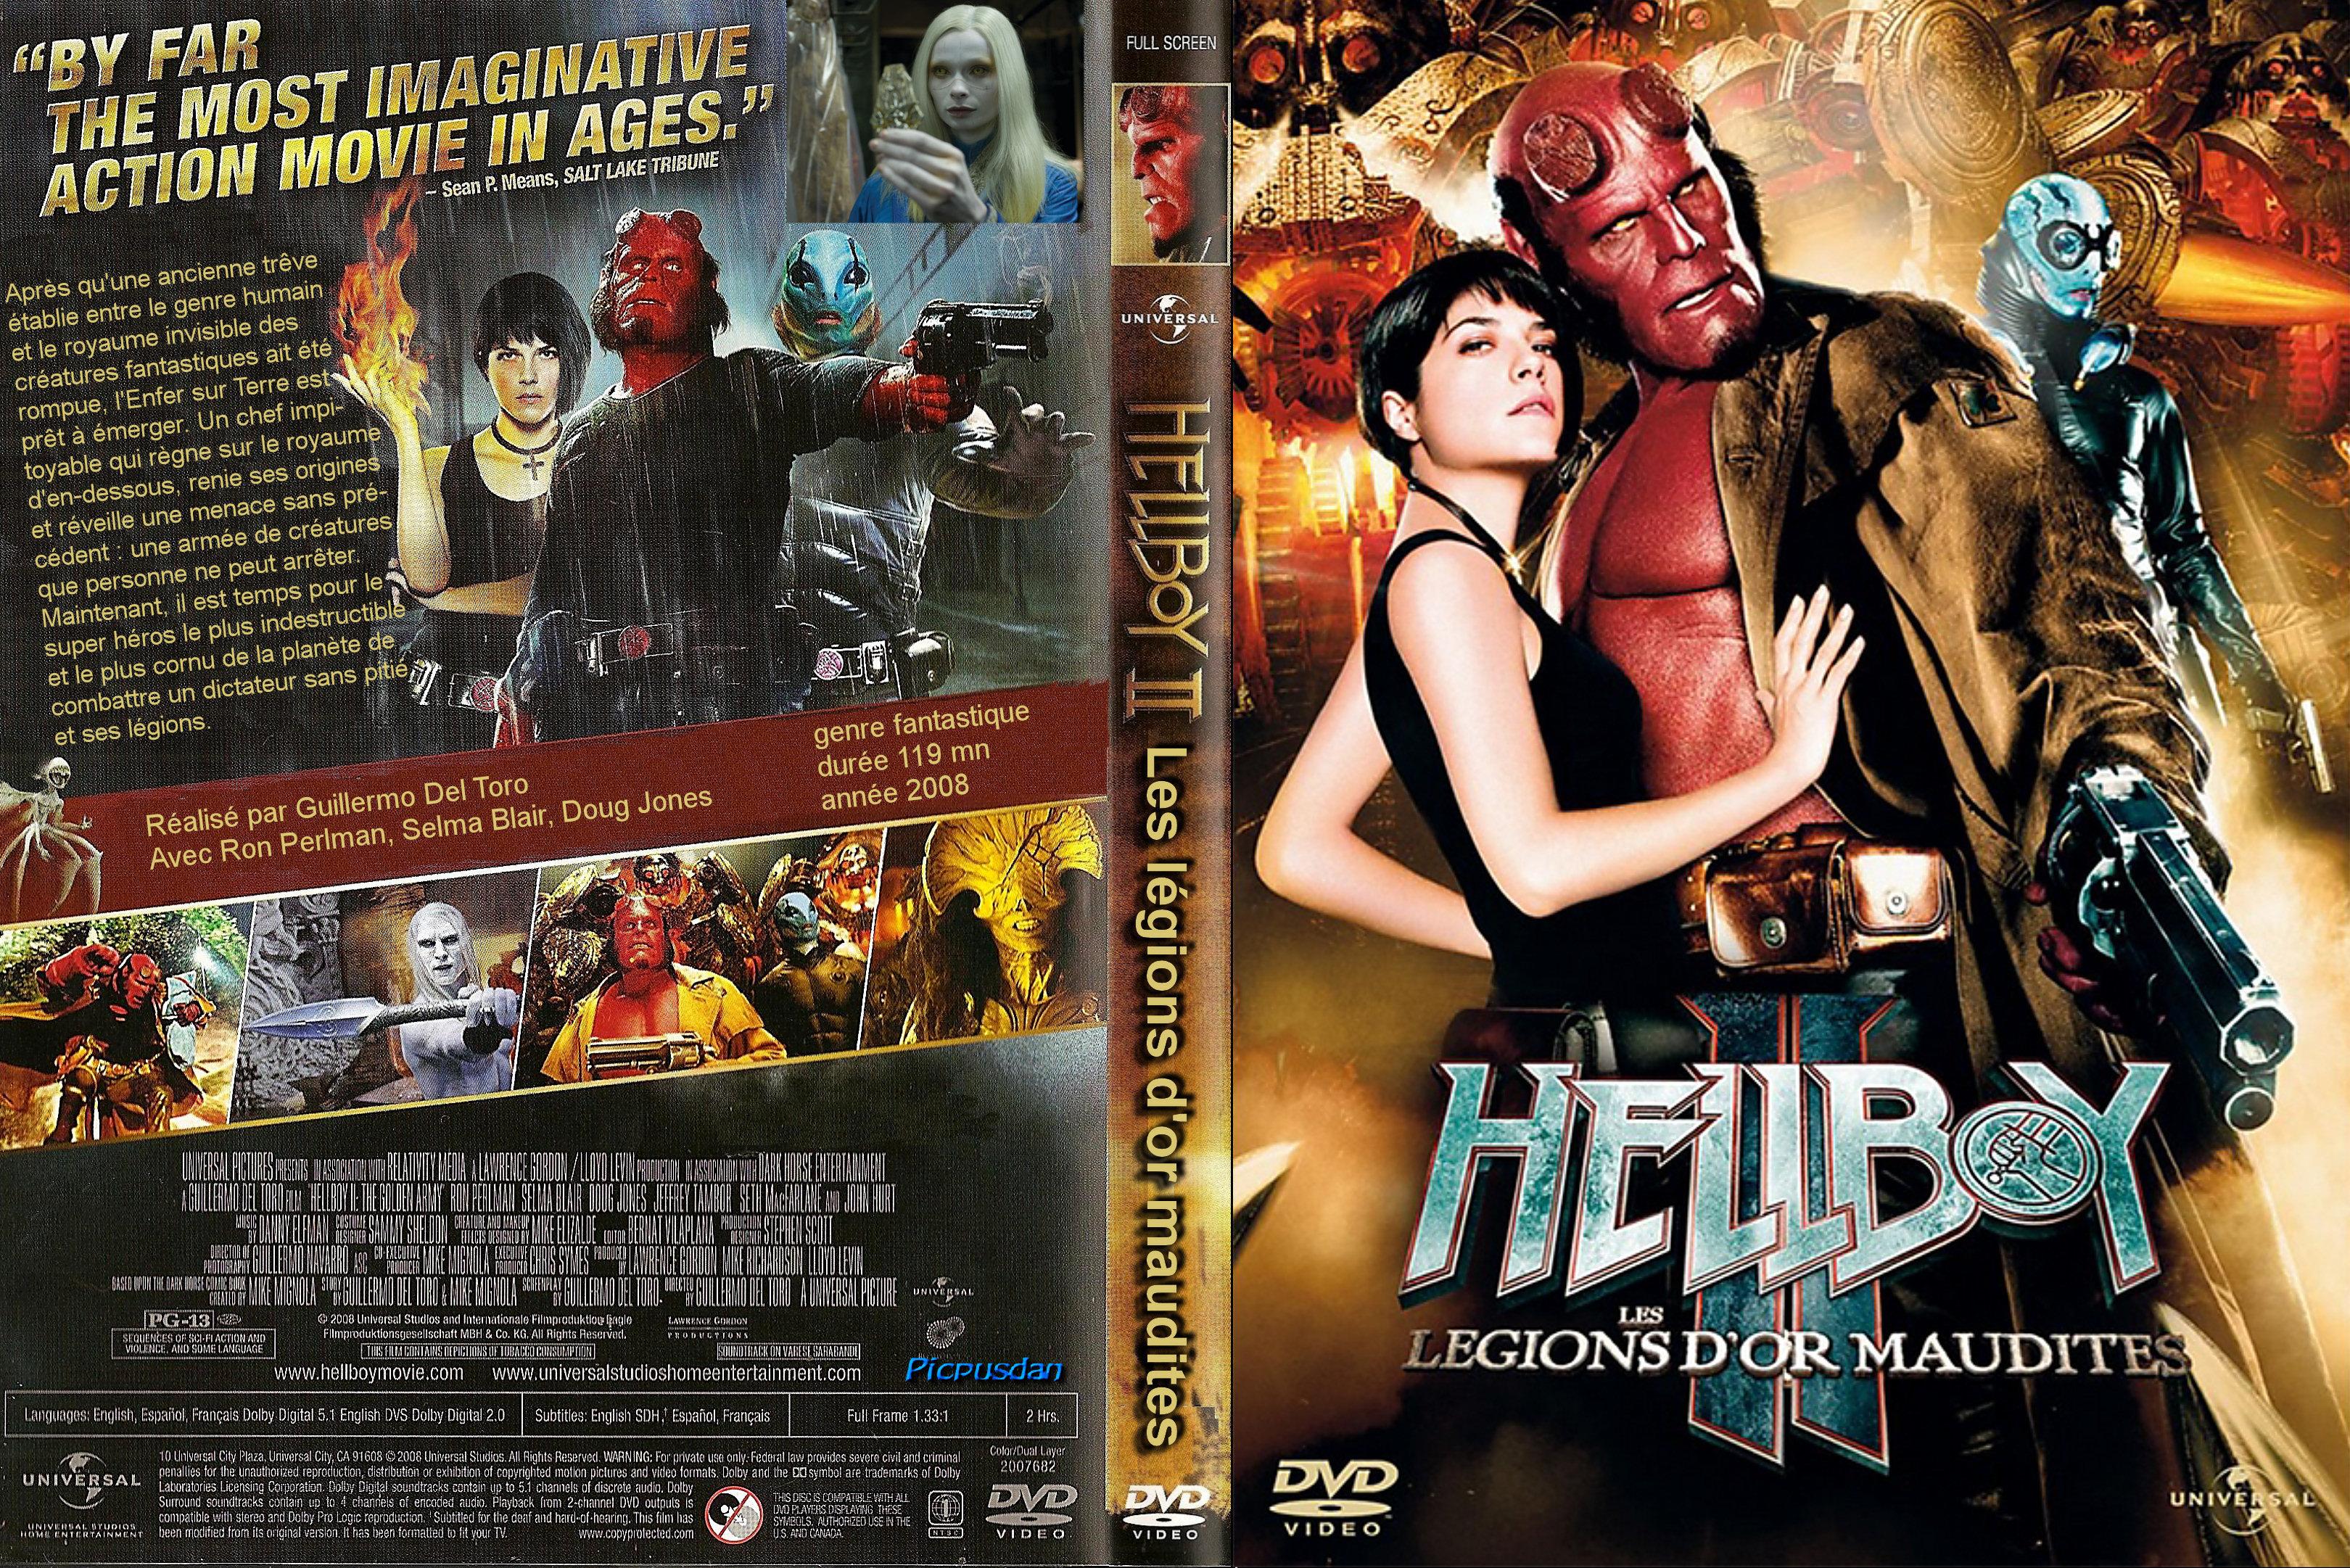 hellboy-ii-les-legions-dor-maudites